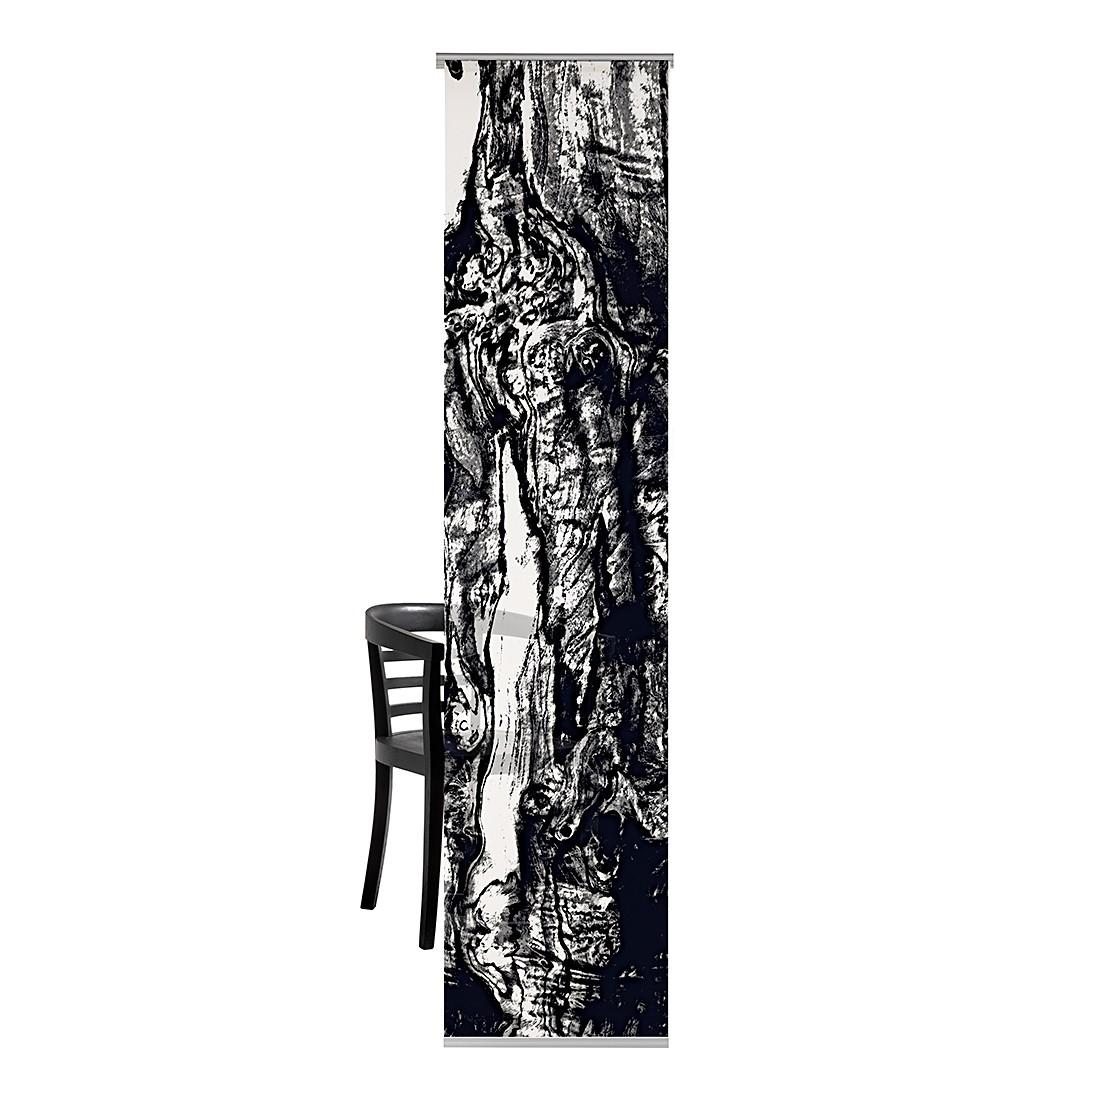 Flächenvorhang Holz – Schwarz, emotion textiles bestellen